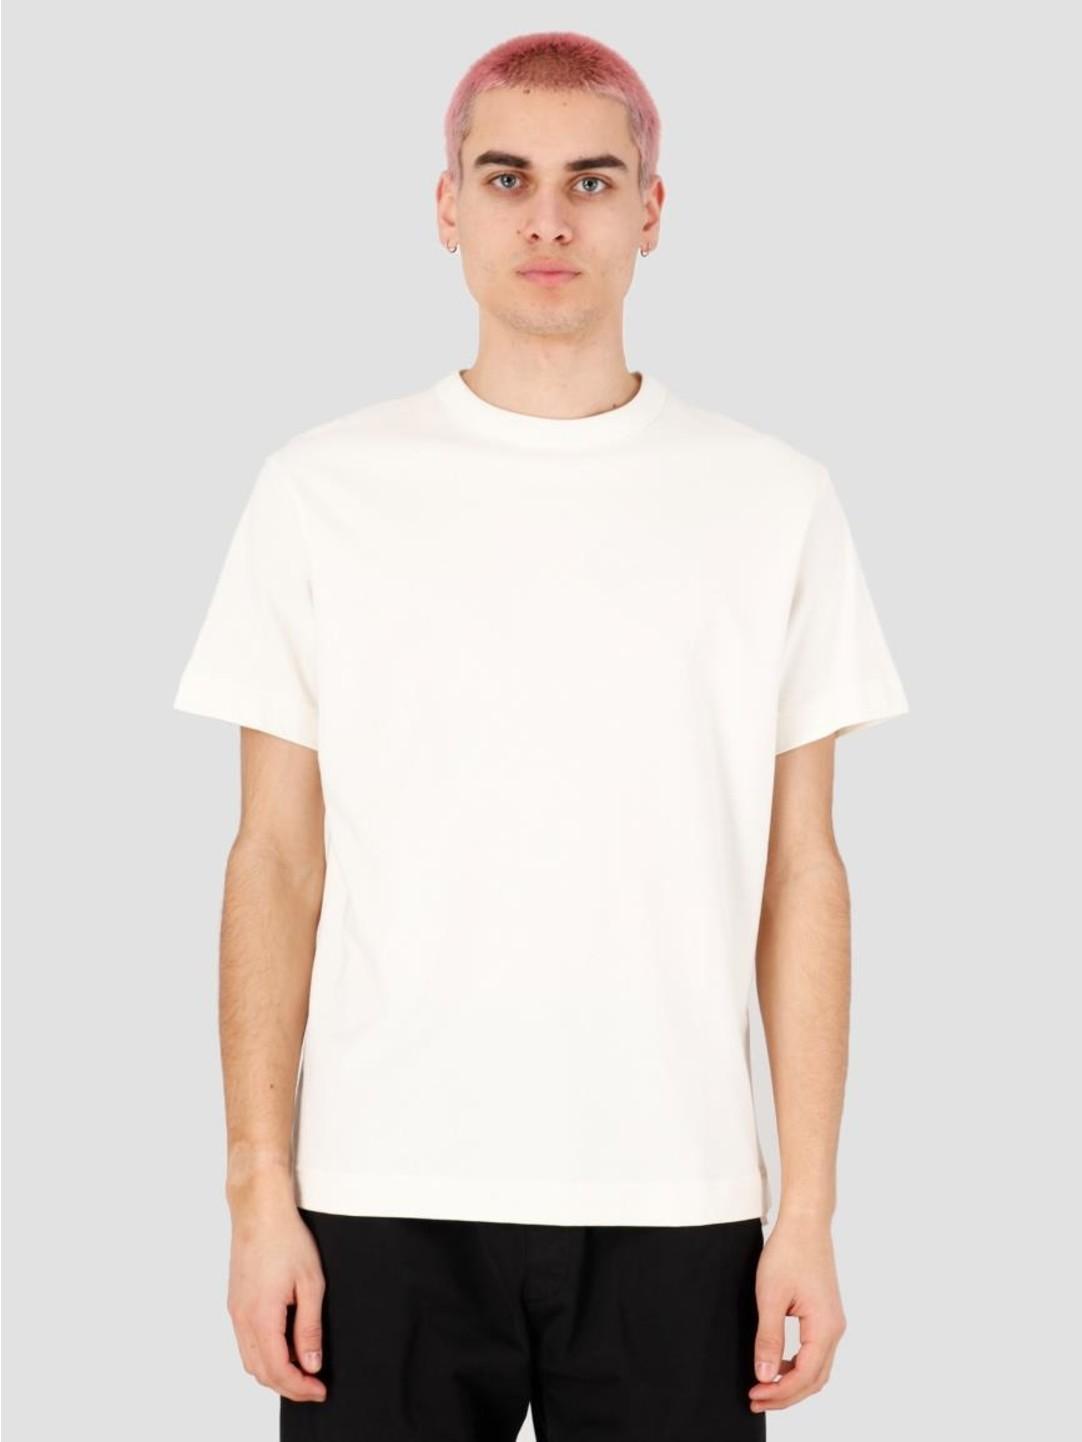 EU FC EU FC Casimiro T-shirt Off White